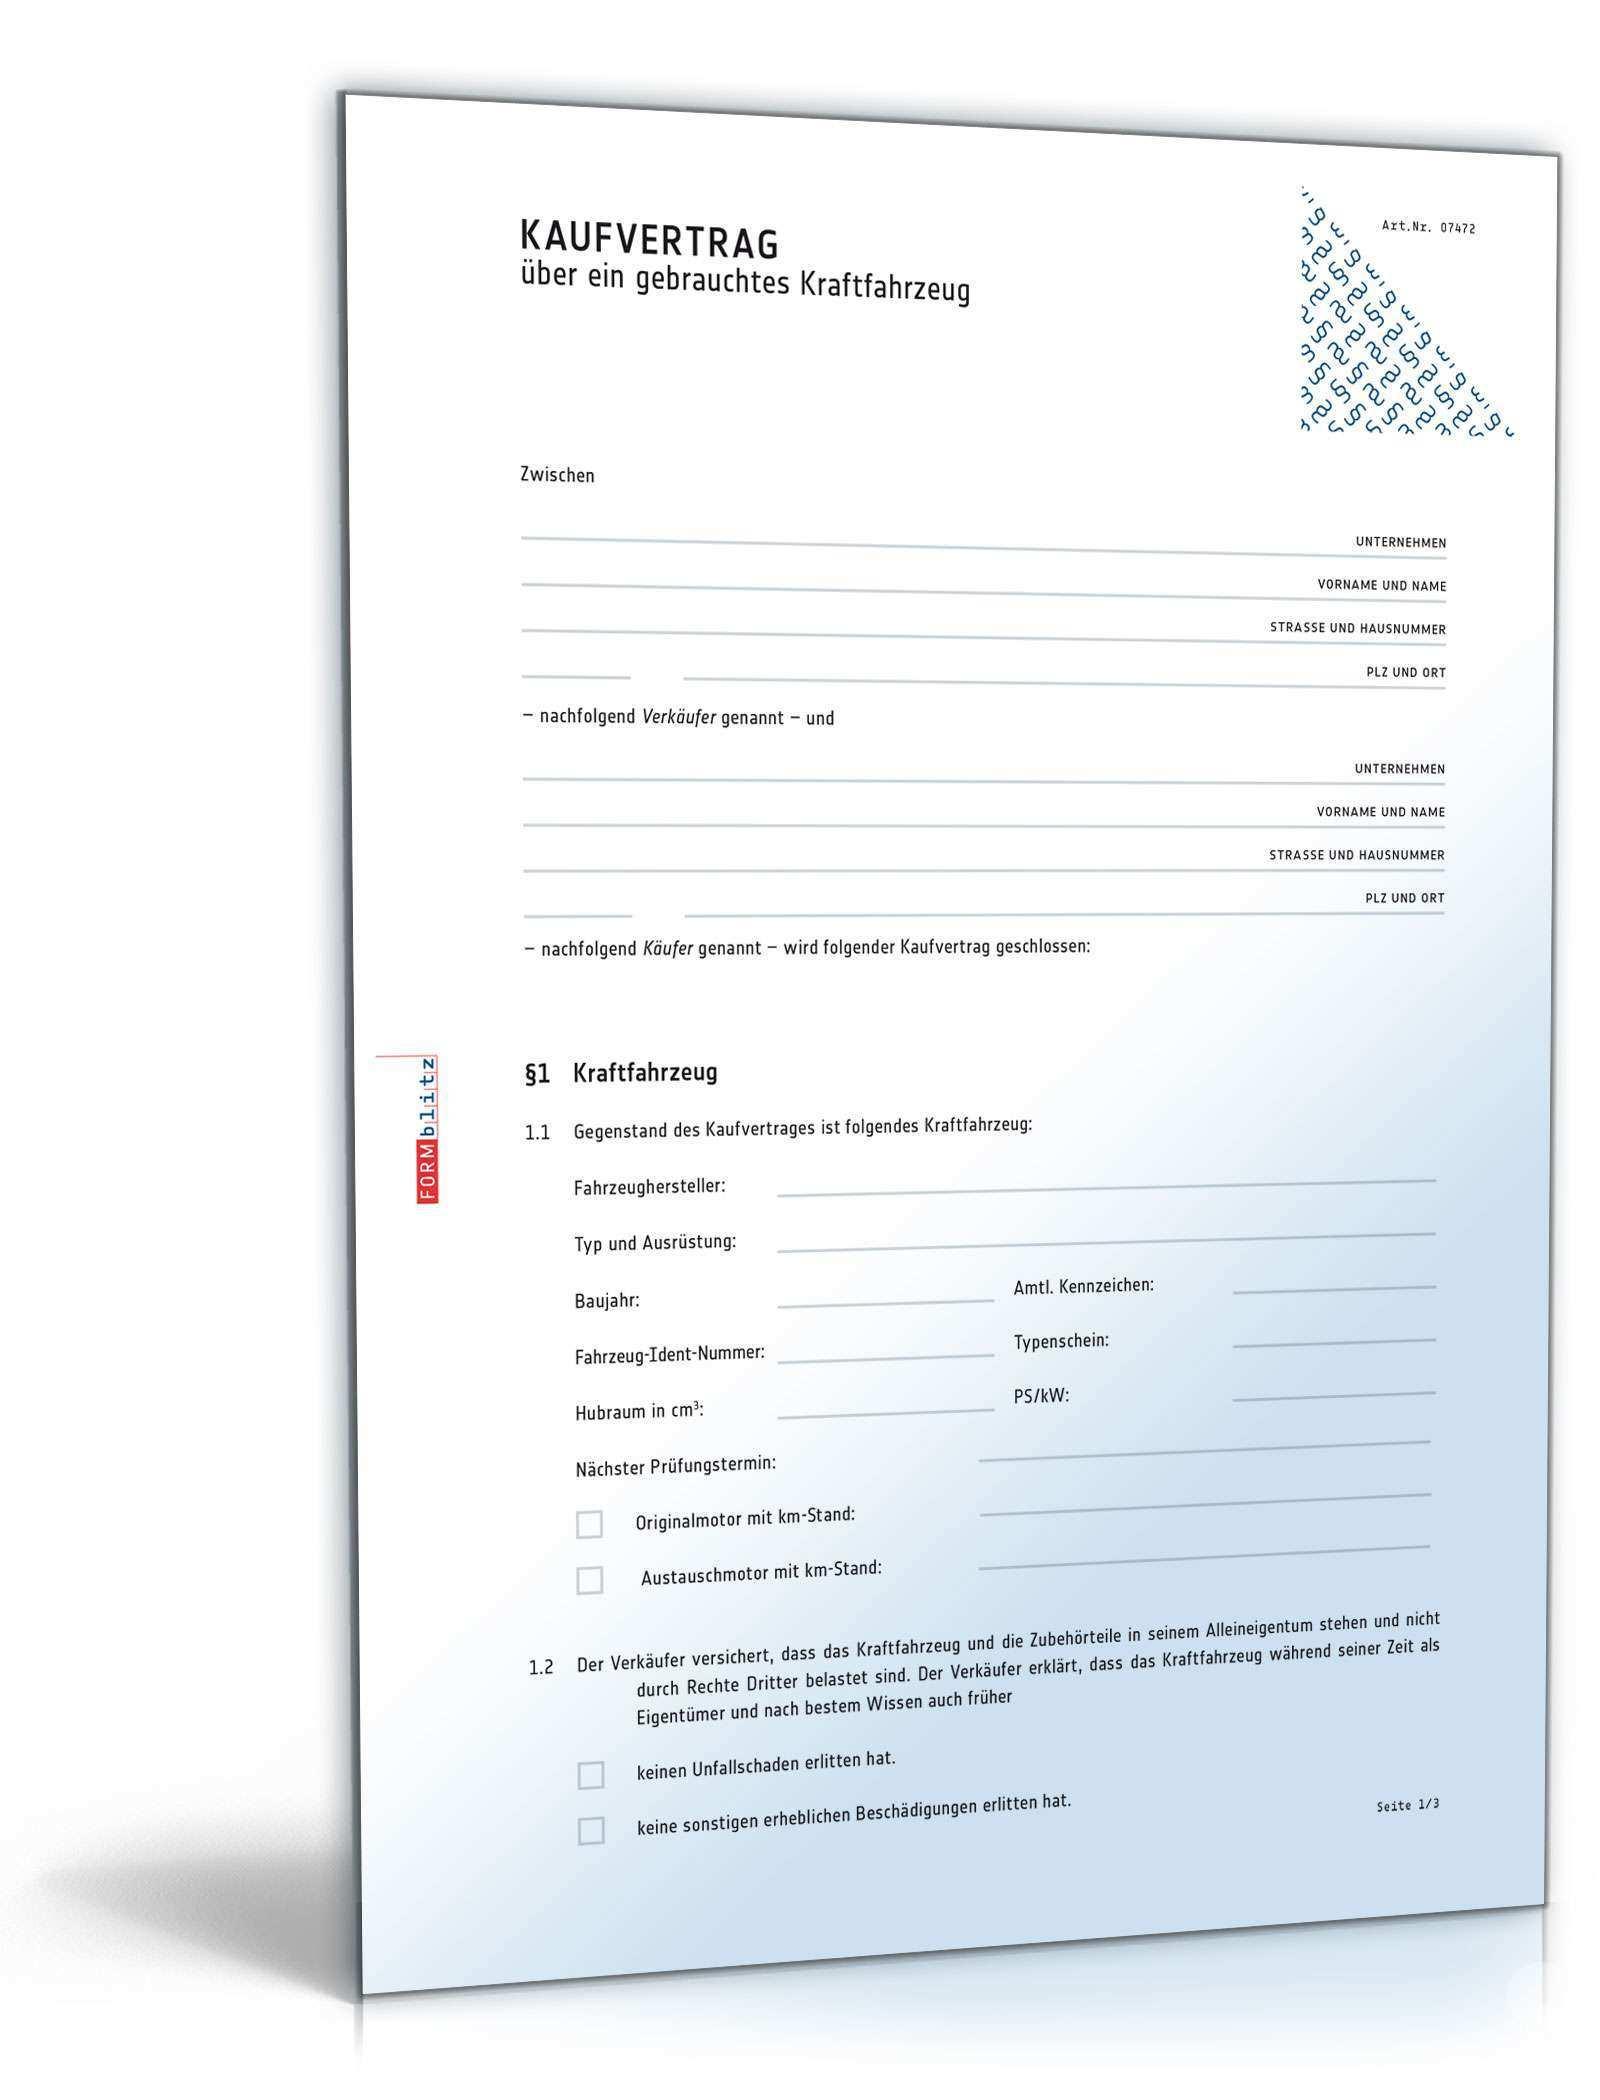 Allgemeiner Kfz Kaufvertrag Privatverkauf Muster Vorlage Zum Download